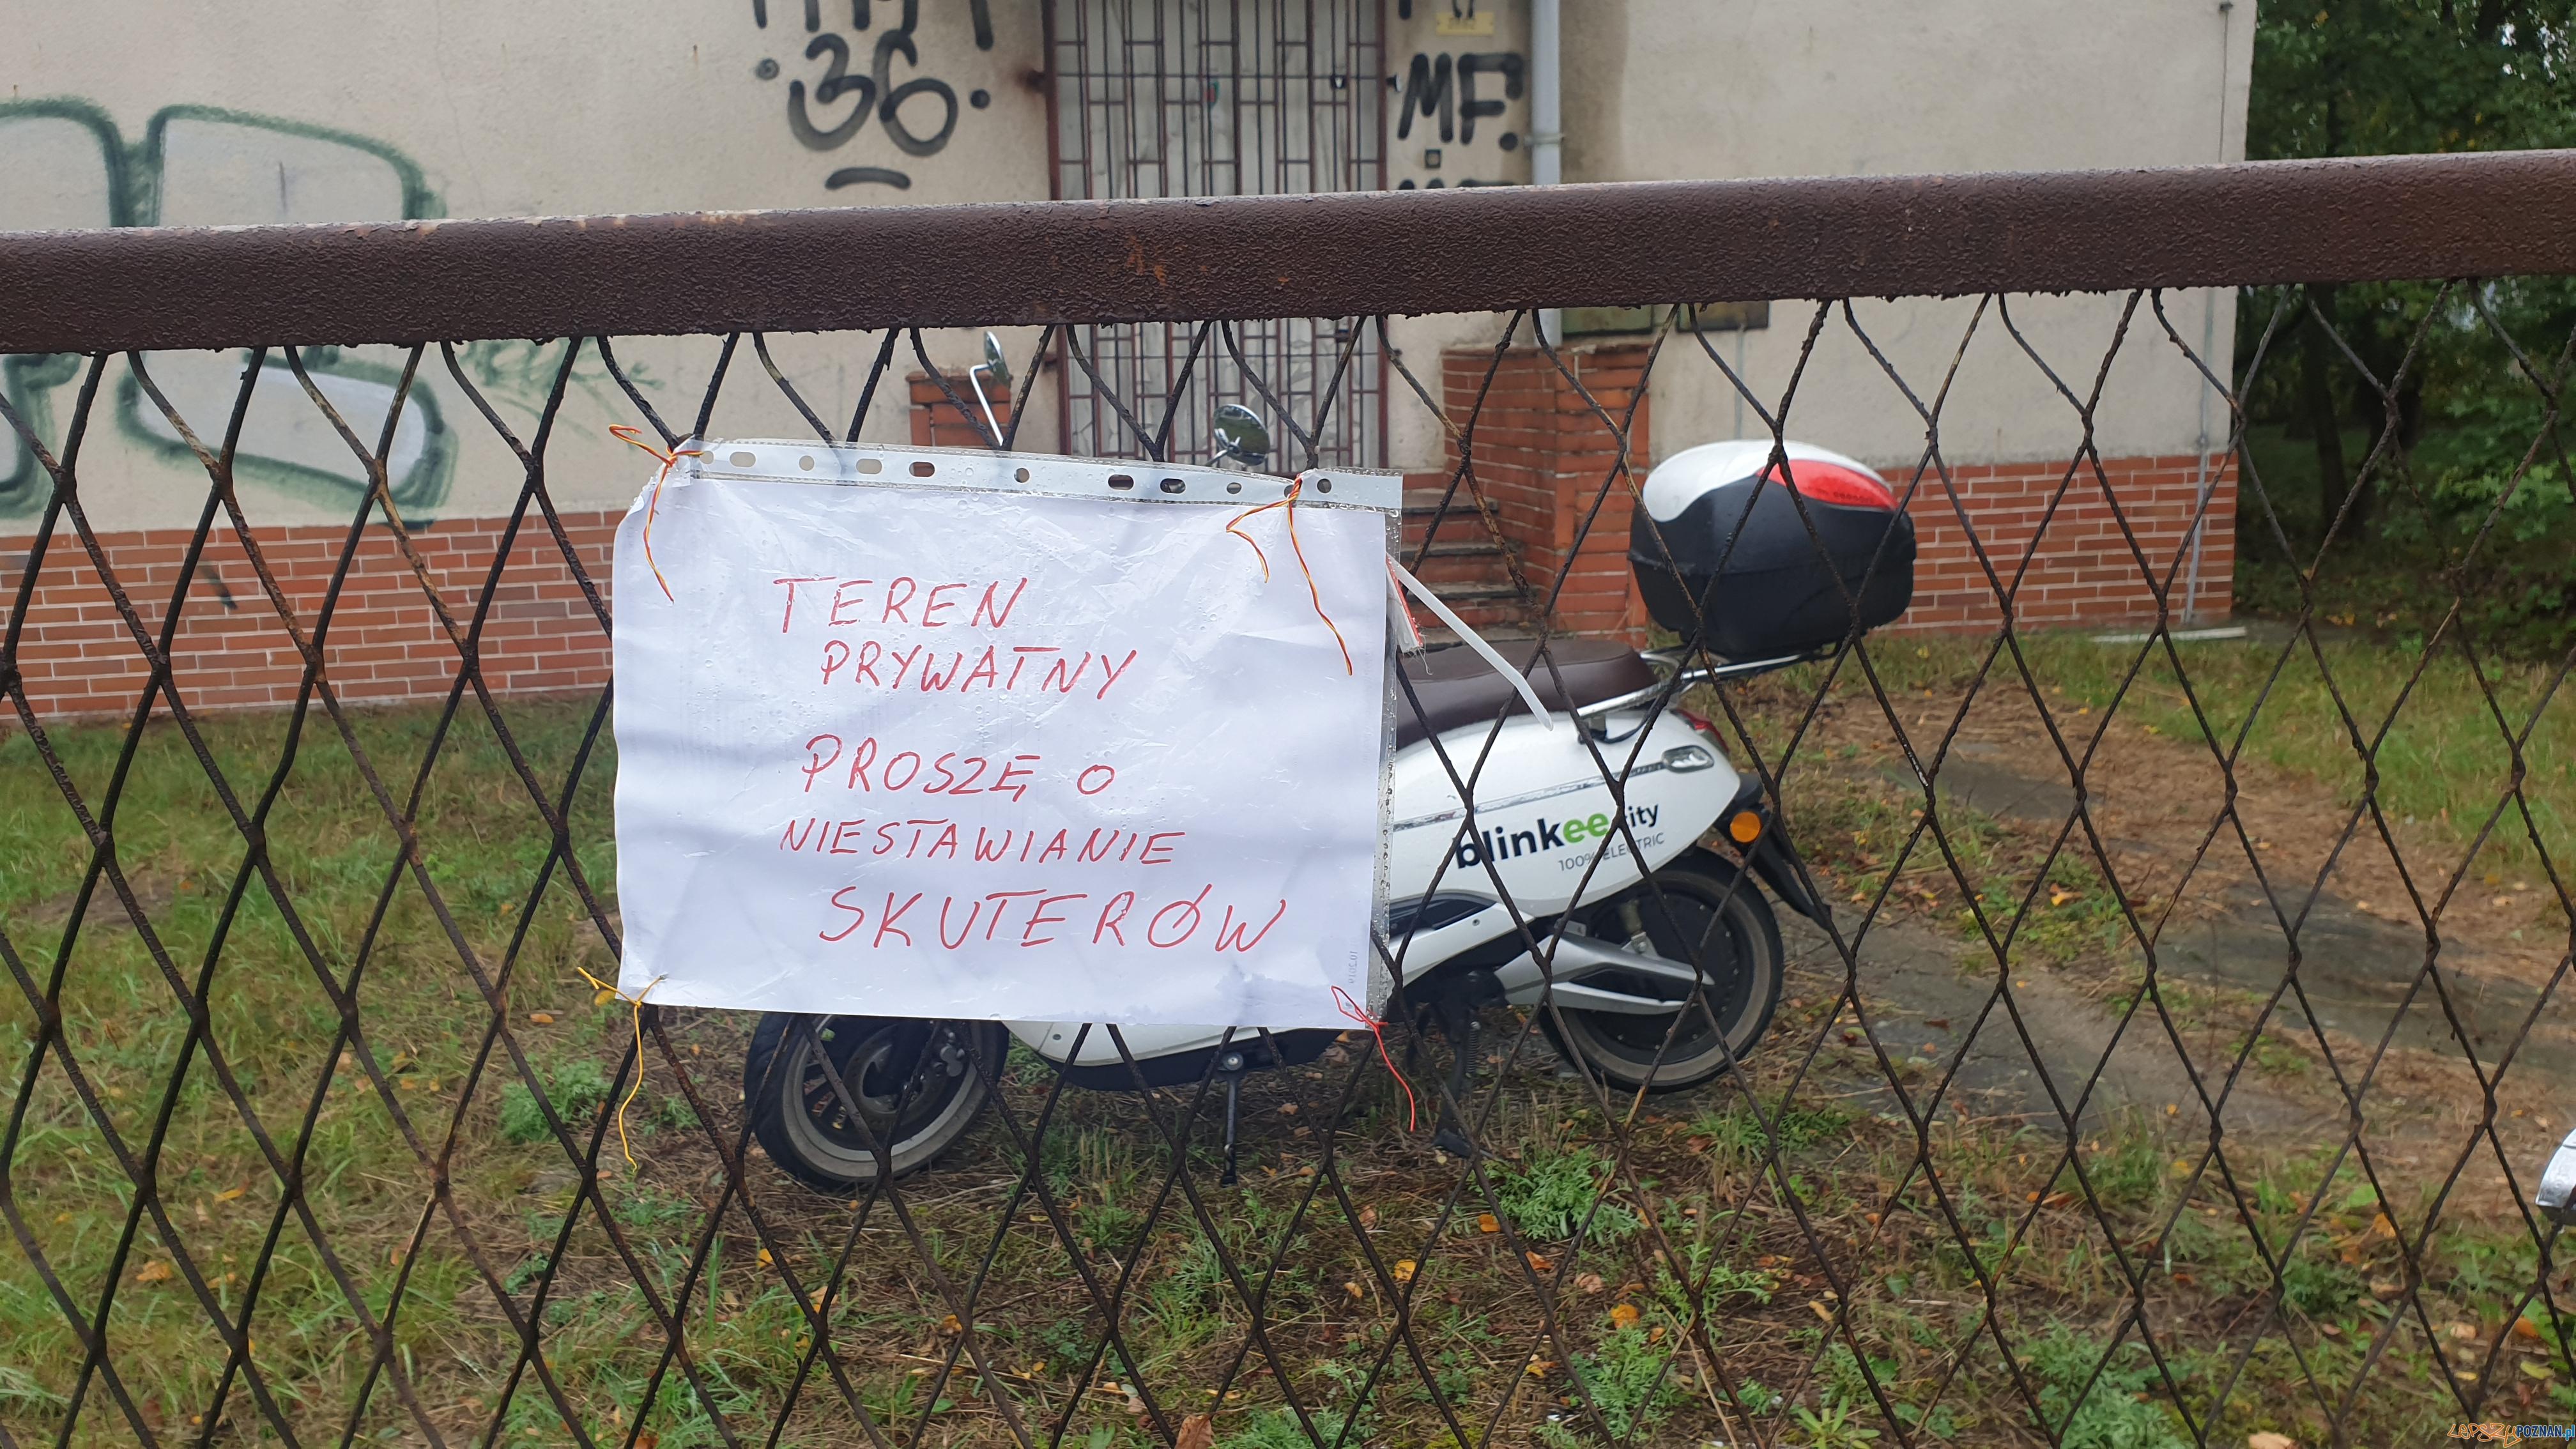 Skuter zakładnik!  Foto: lepszyPOZNAN / tab